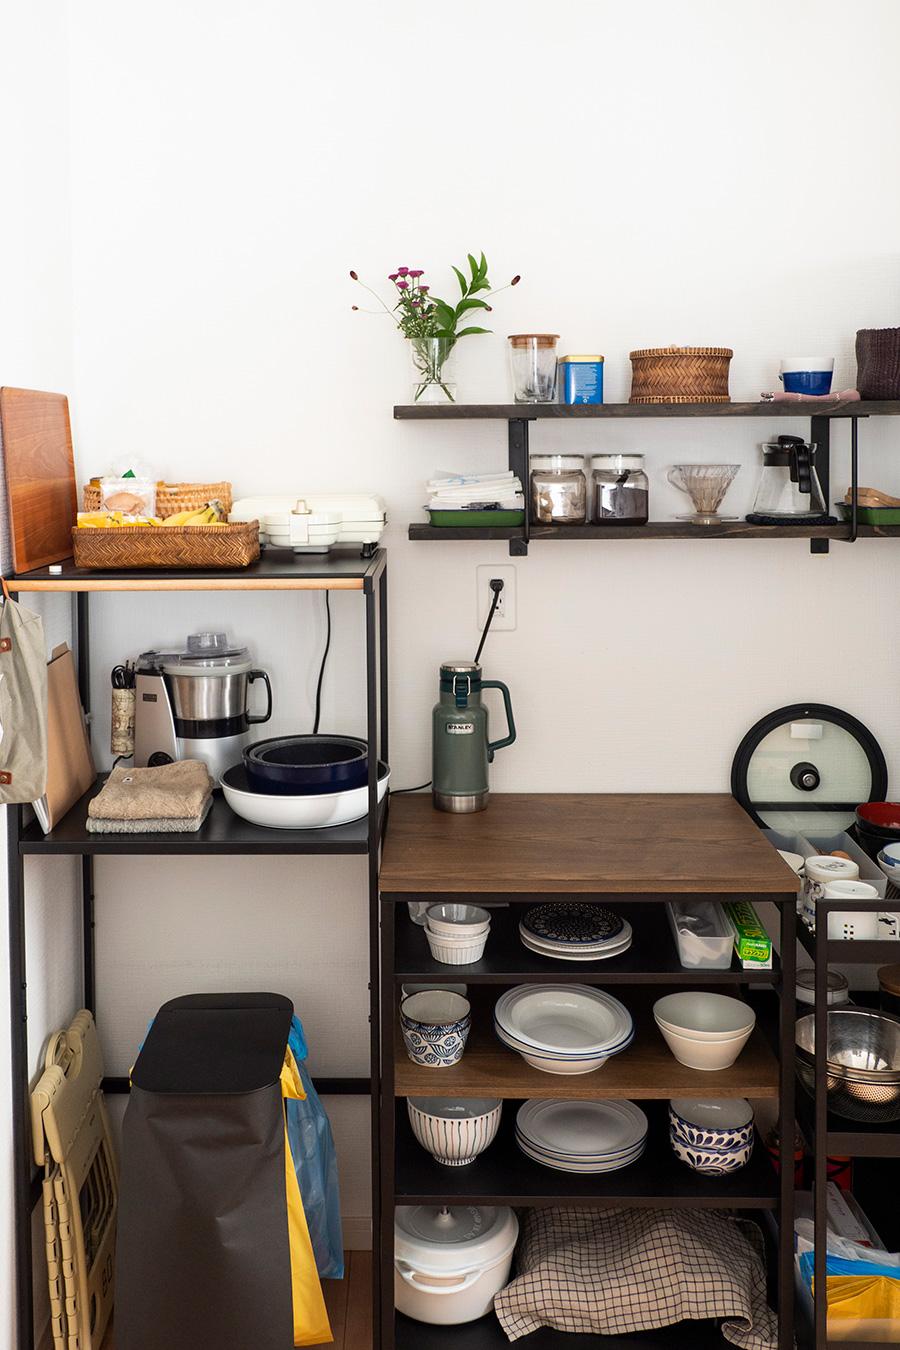 キッチン台の背面に置いているオープンシェルフ。LOWYAで購入。壁には手の届きやすい位置に棚板を取り付けた。中央のシェルフの上は作業しやすいように、いつも空けている。